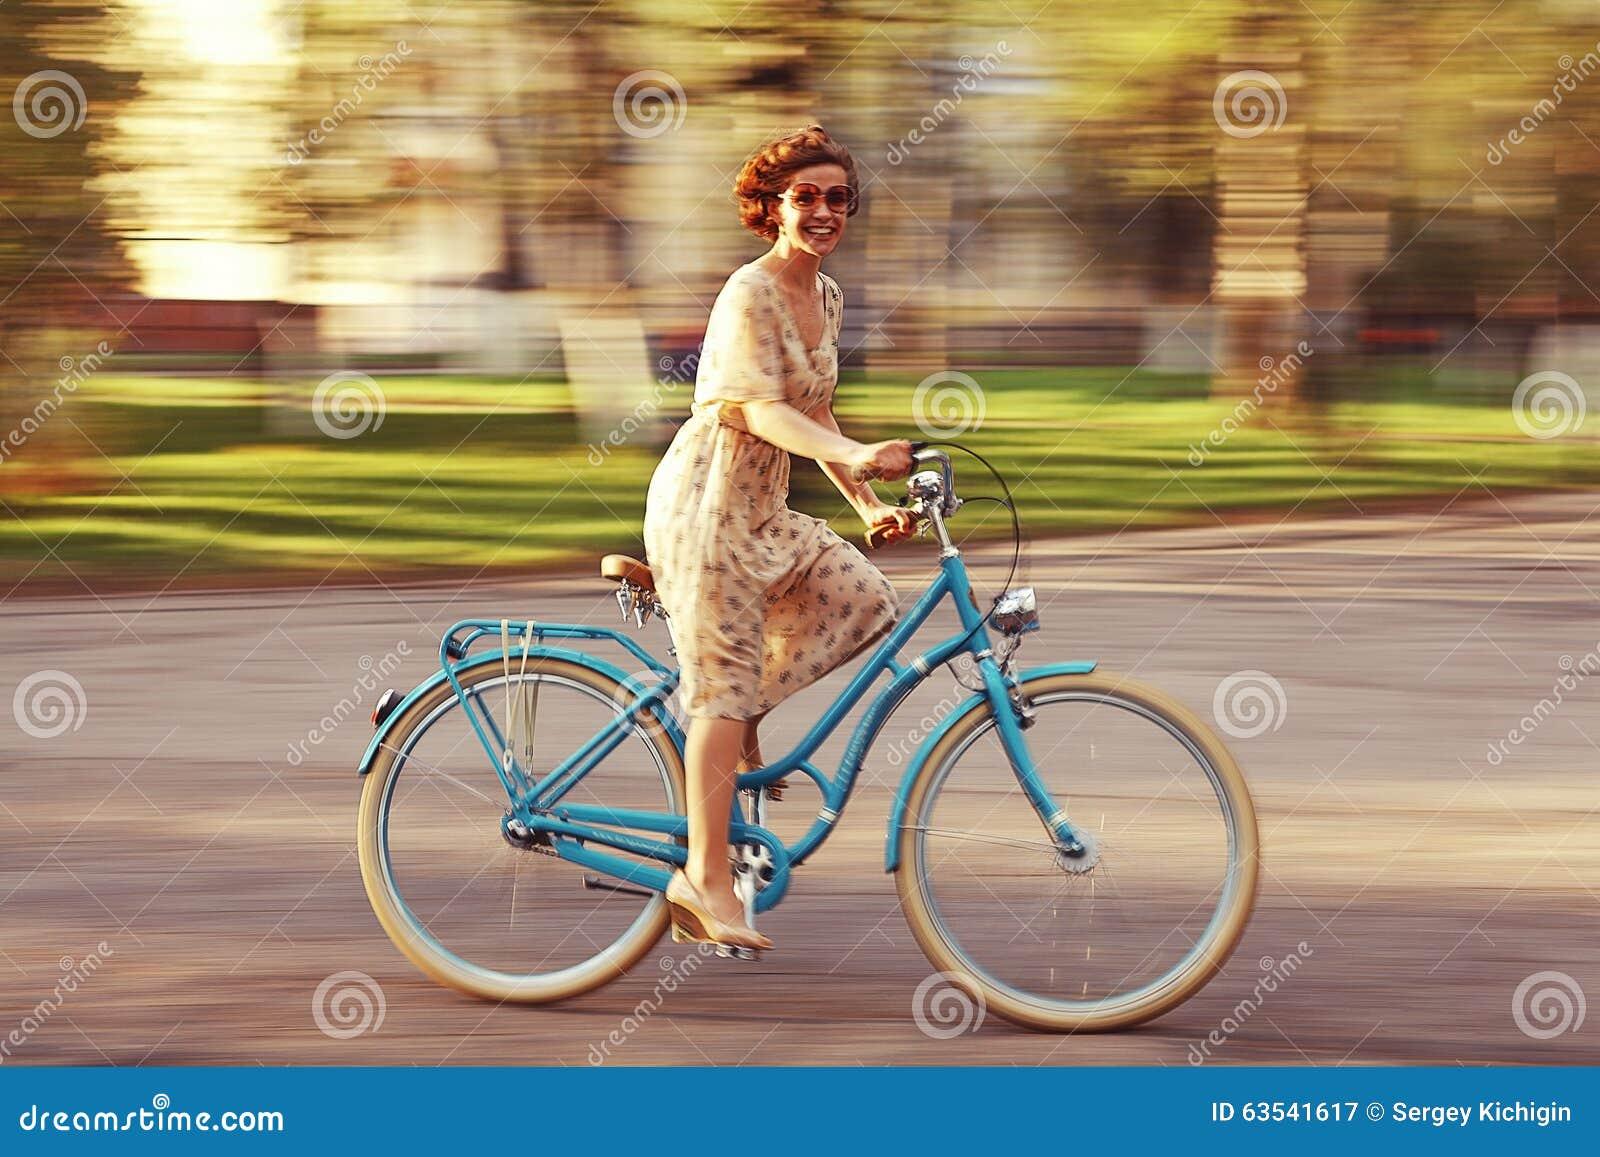 Ретро фото девушка и велосипед